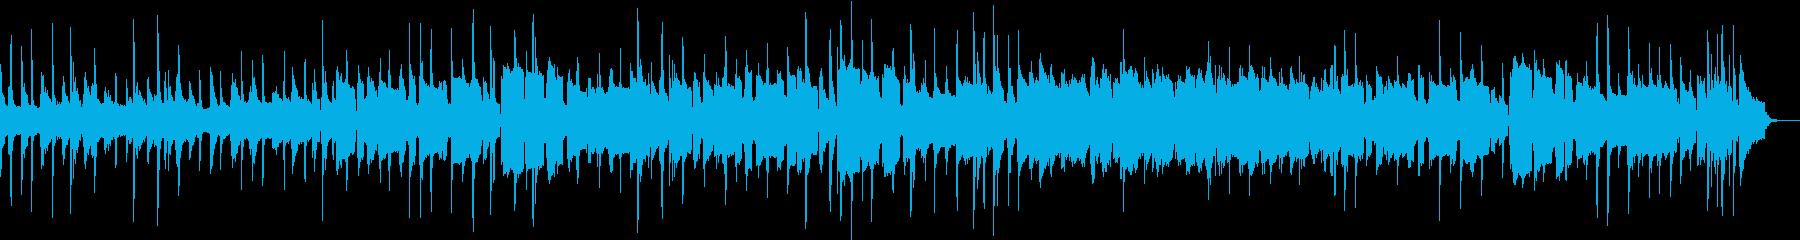 陽気なジャズ |ピアノ&トランペットの再生済みの波形